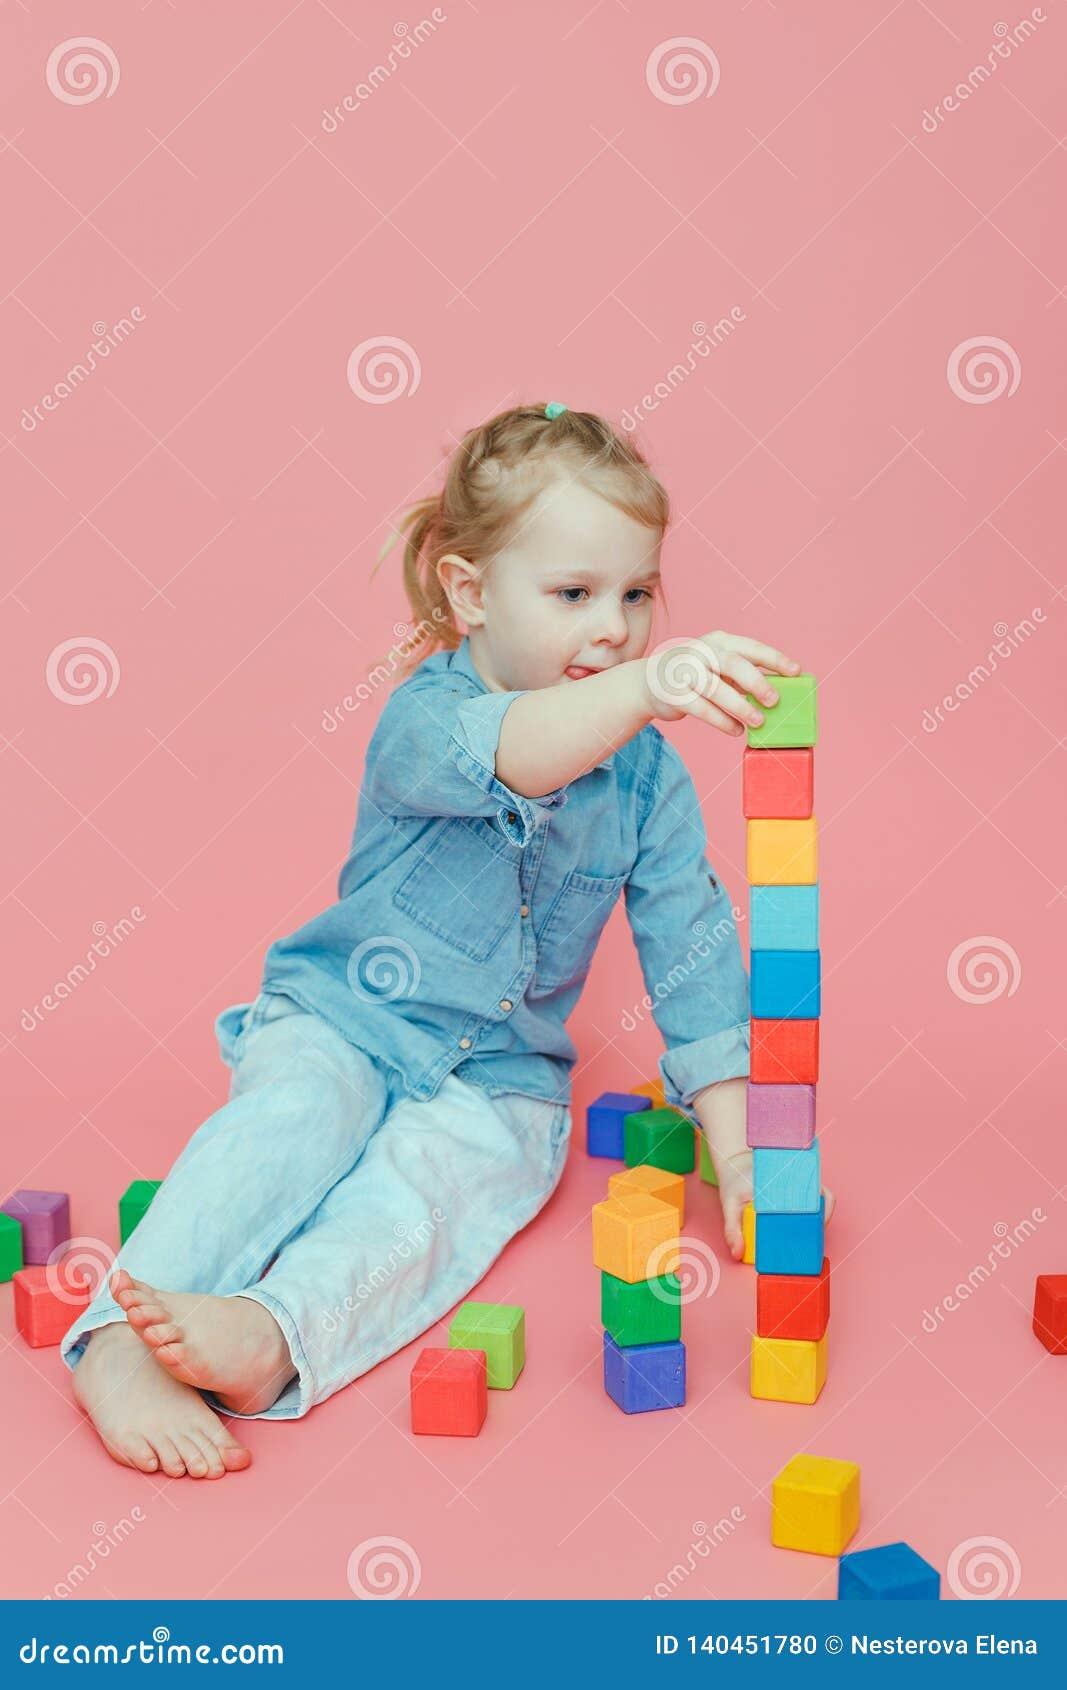 Ένα γοητευτικό μικρό κορίτσι στα ενδύματα τζιν σε ένα ρόδινο υπόβαθρο χτίζει έναν πύργο